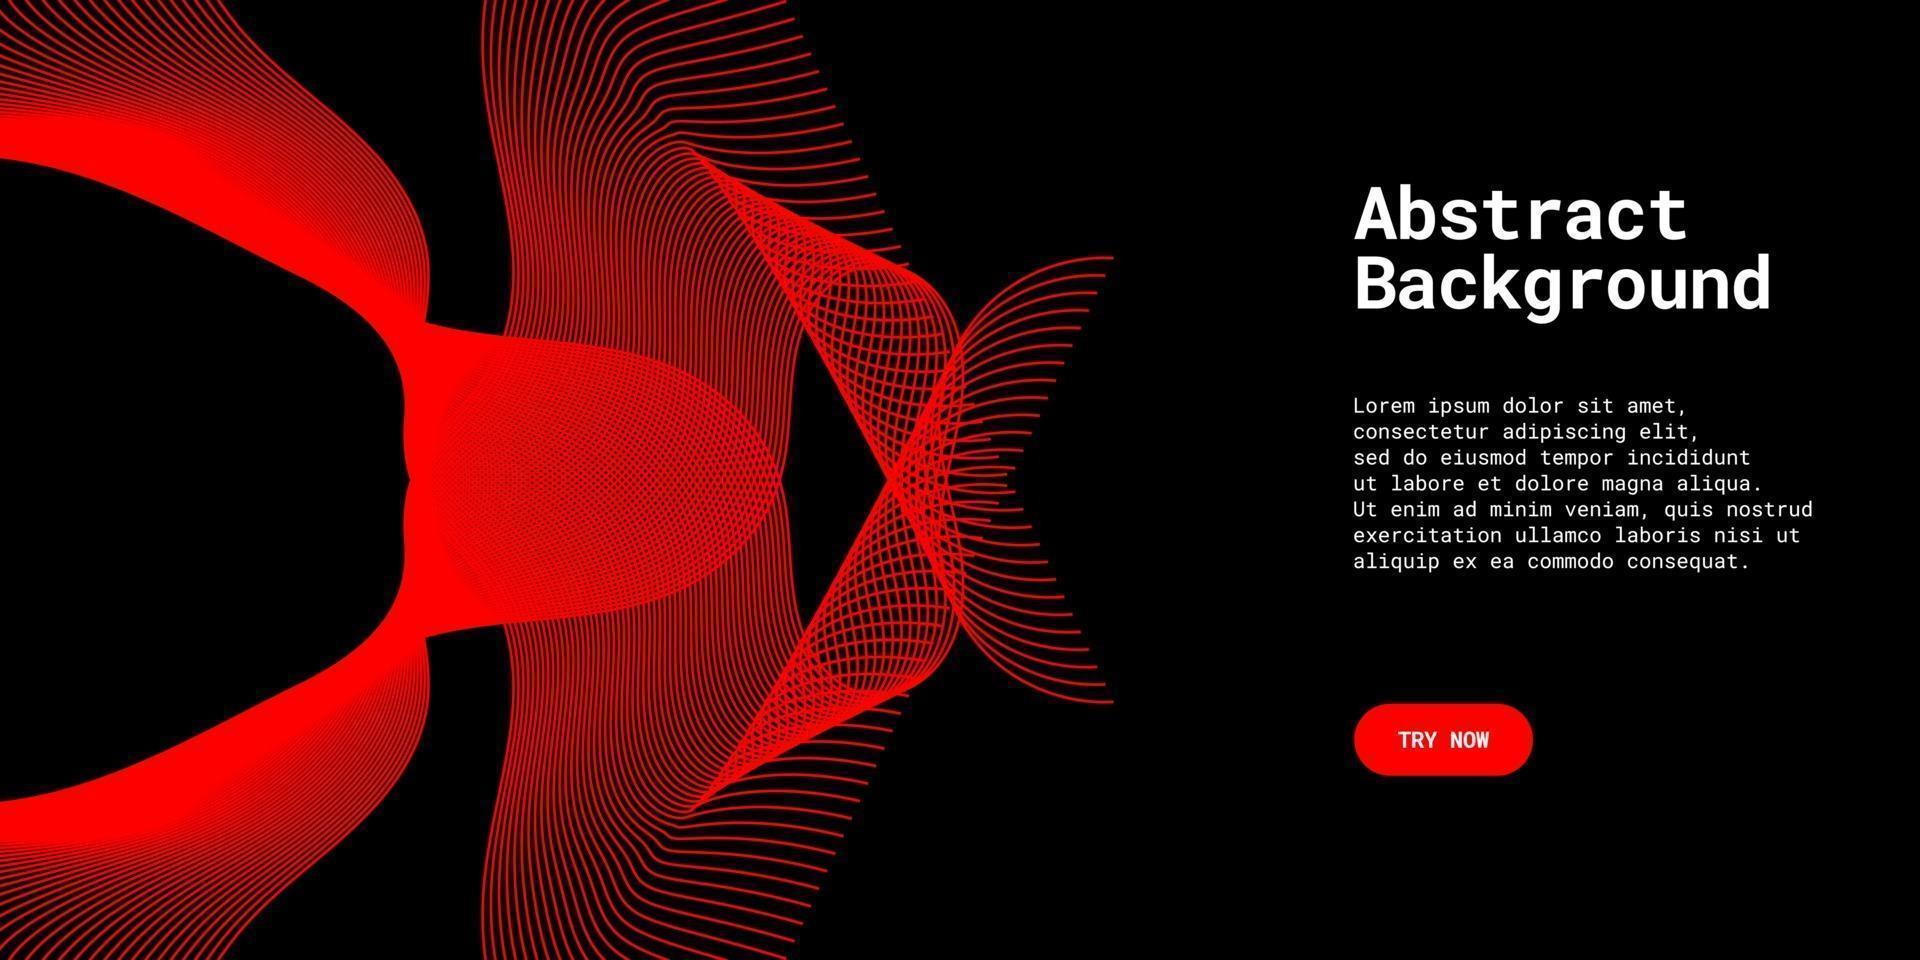 moderner abstrakter Hintergrund mit Wellenlinien in Rot vektor